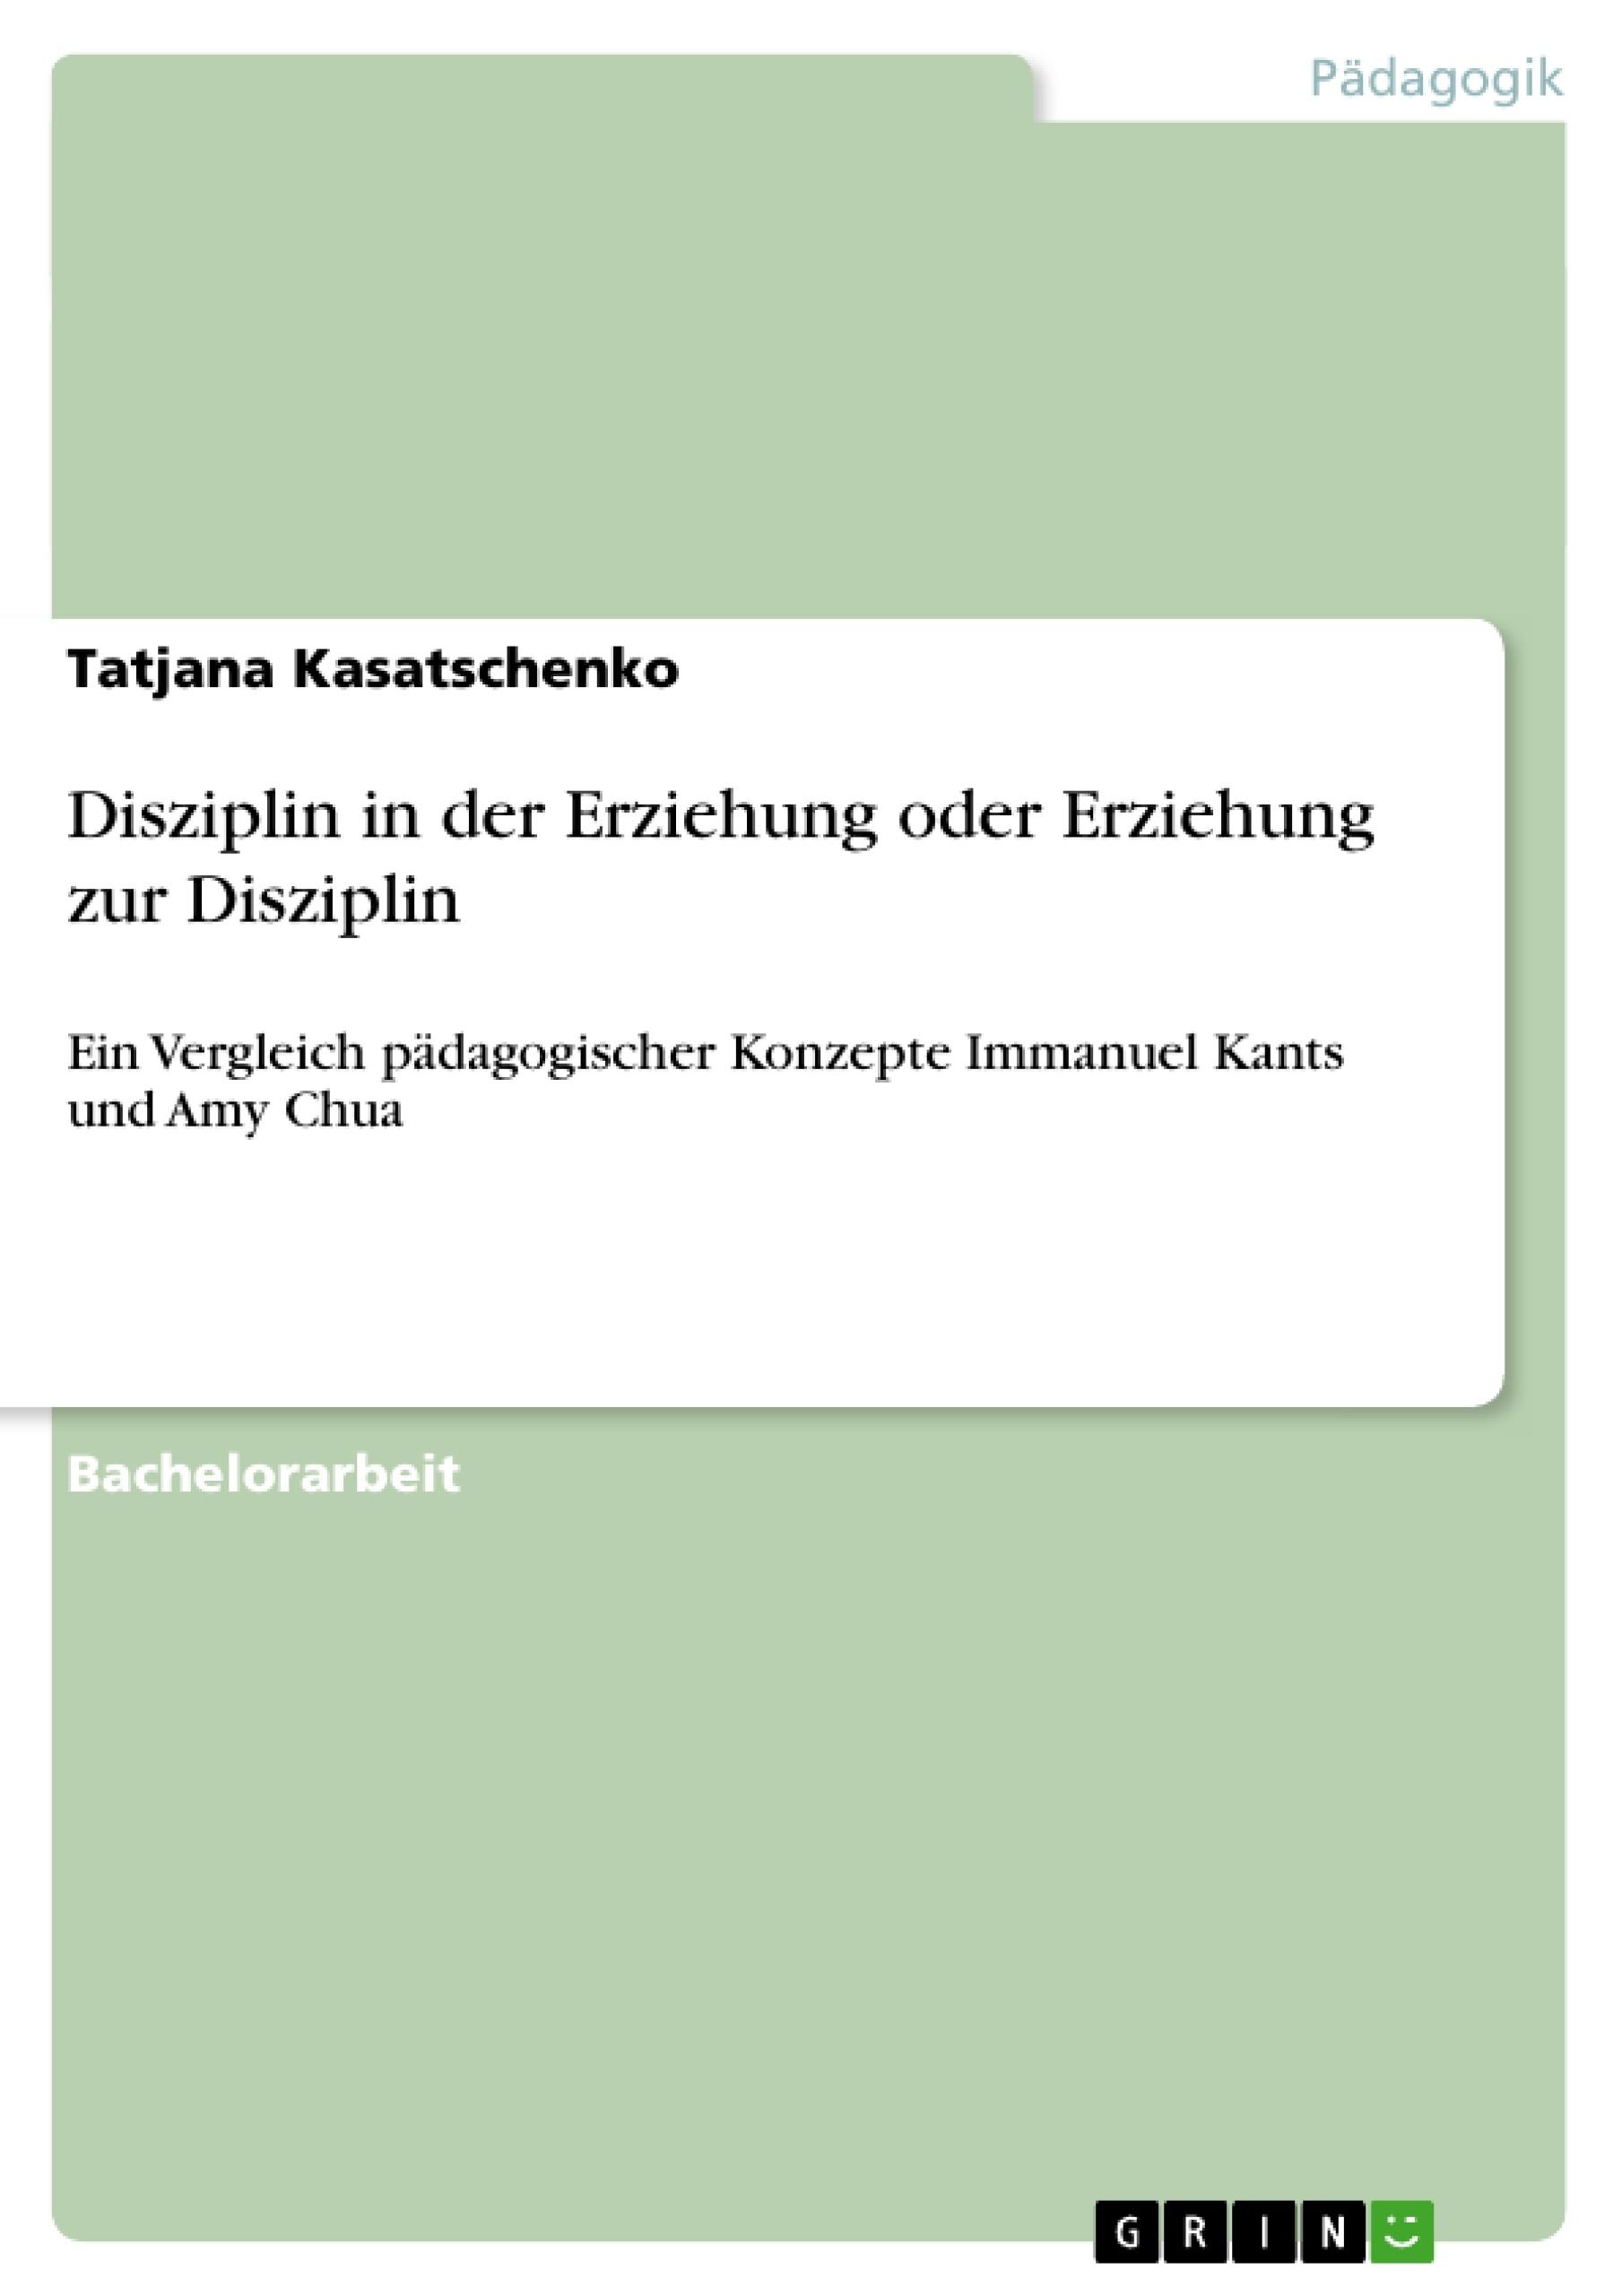 Titel: Disziplin in der Erziehung oder Erziehung zur Disziplin